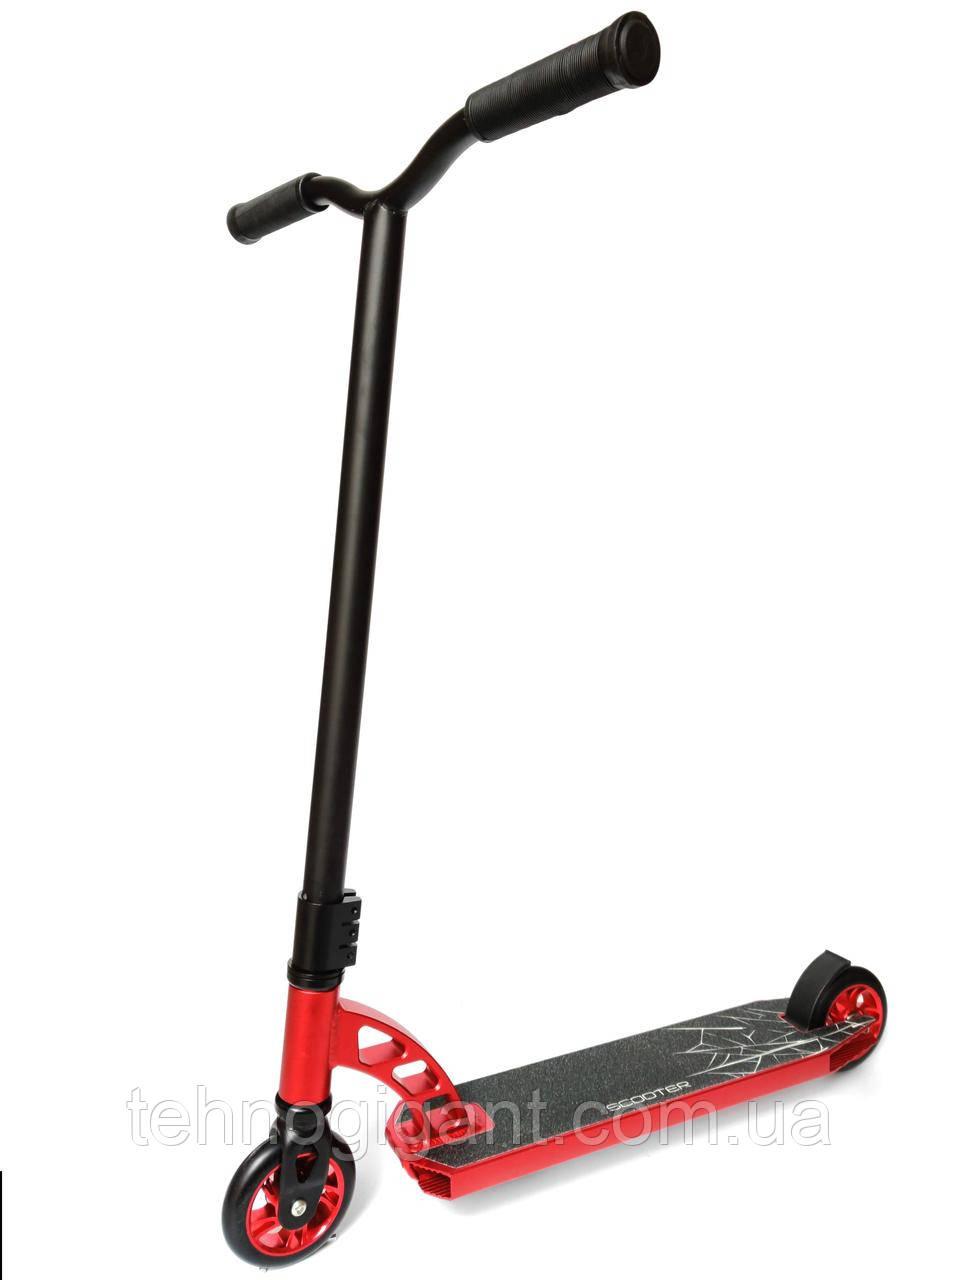 Трюковый Самокат от Scooter – Aluminium Highest Profi 005P 110 мм Красный , колеса литые алюминий /полиуретан